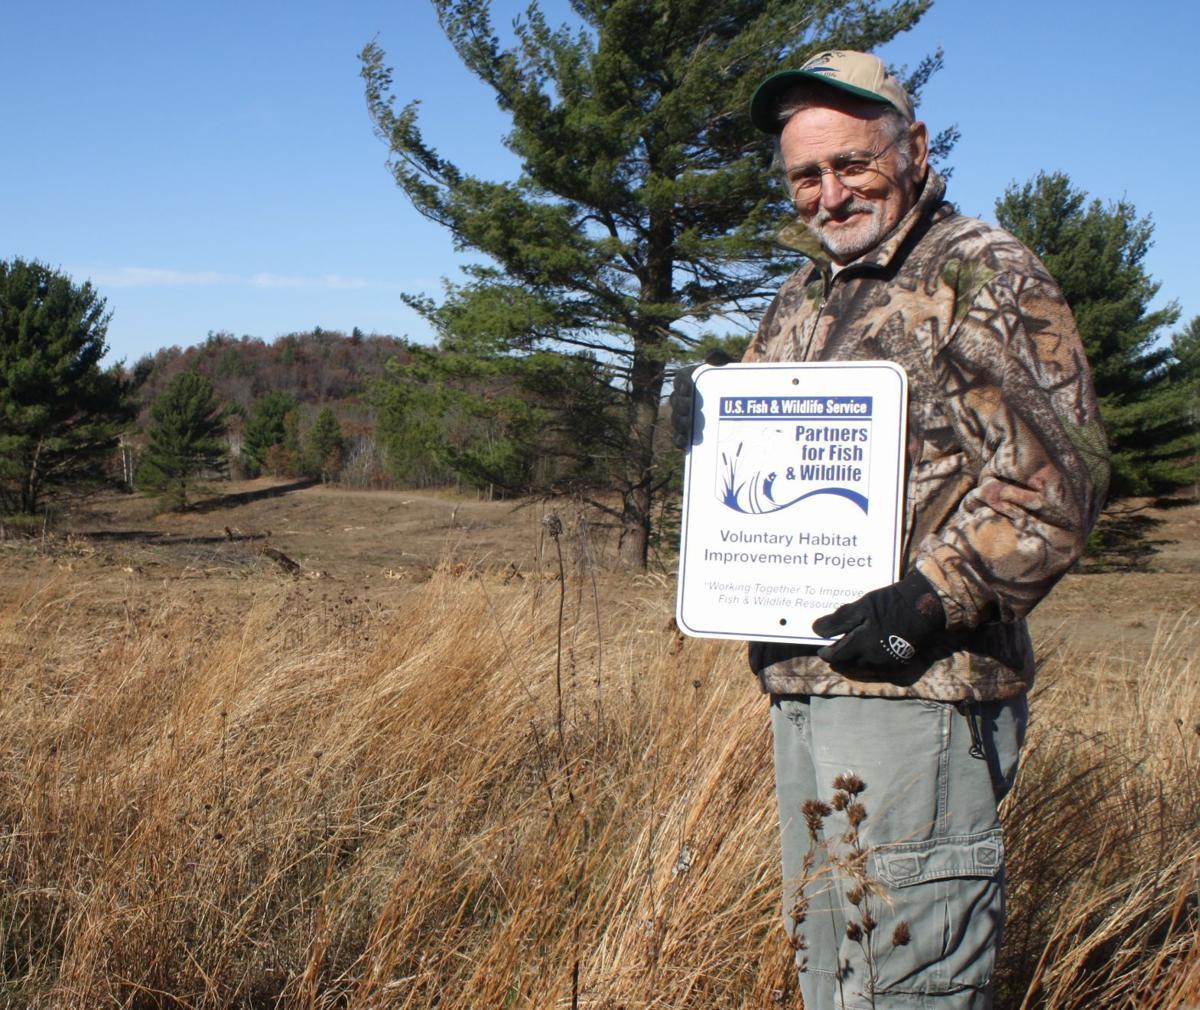 Conservation partner